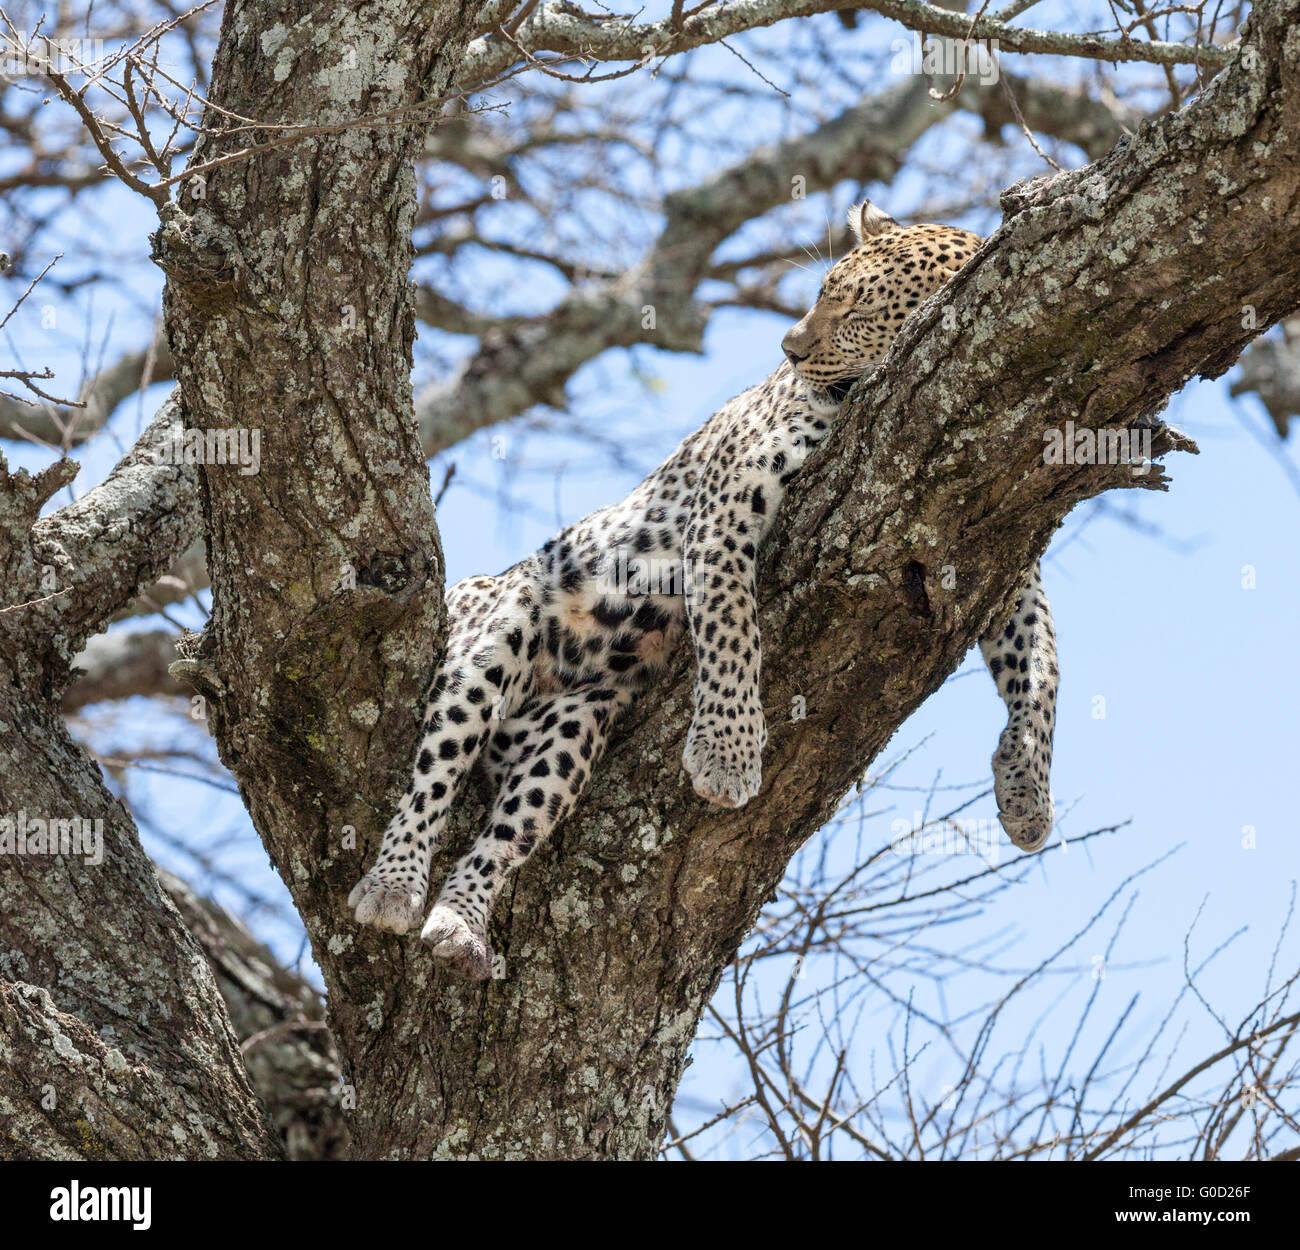 leopard-dormire-su-di-un-ramo-di-albero-dopo-una-battuta-di-caccia-serengeti-national-park-tanzania-g0d26f.jpg